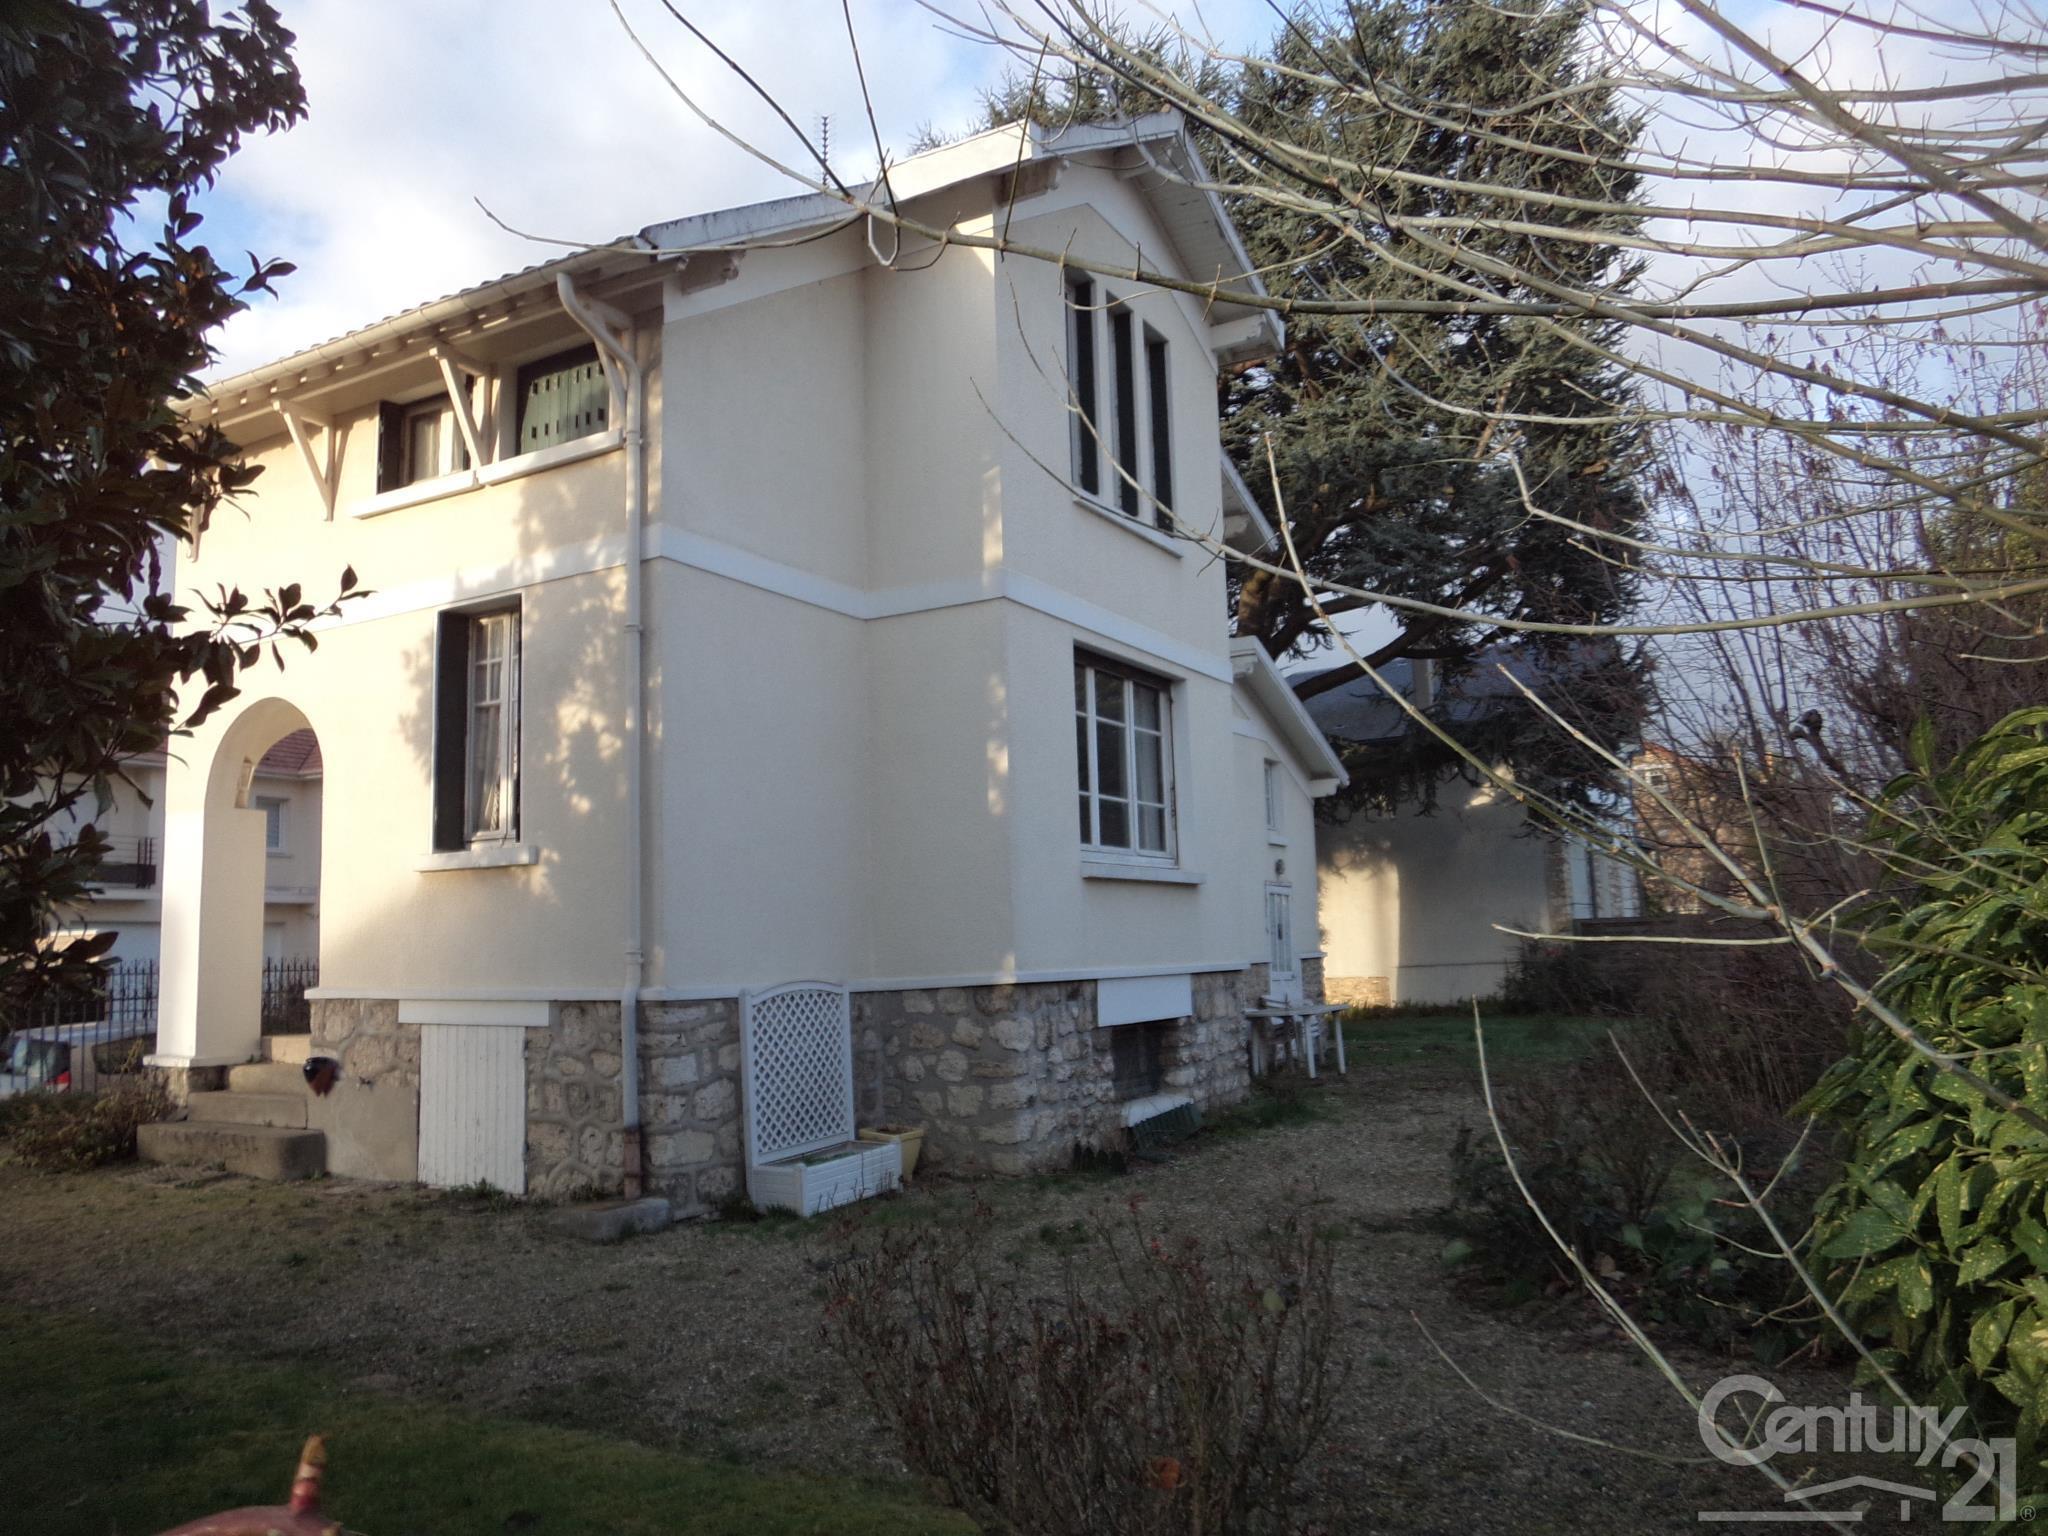 Surelevation maison bois ile de france for Architecte ile de france